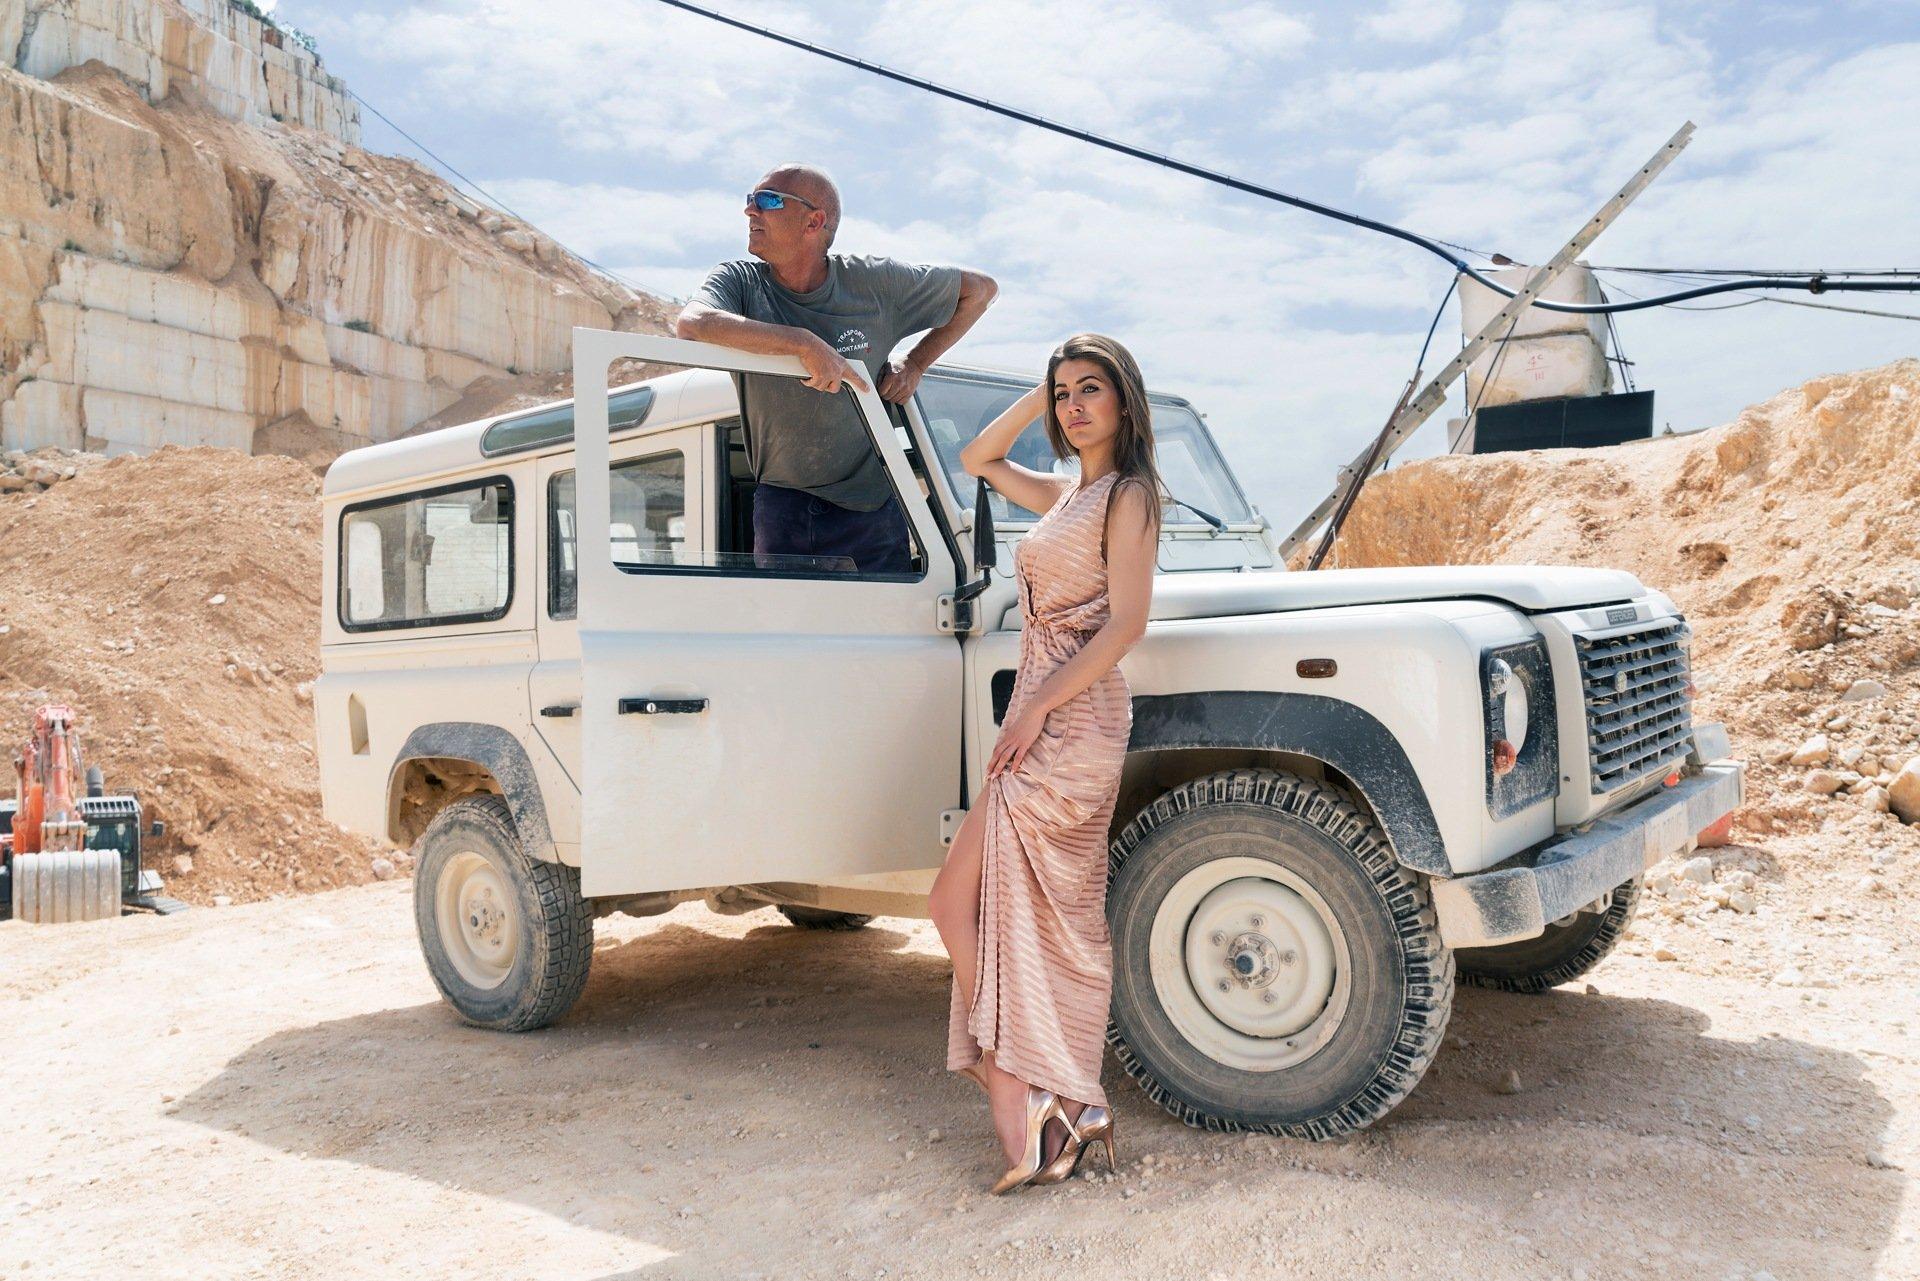 GLORIA PEZZAIOLI - Fotografia Moda di Massimiliano Ferrari